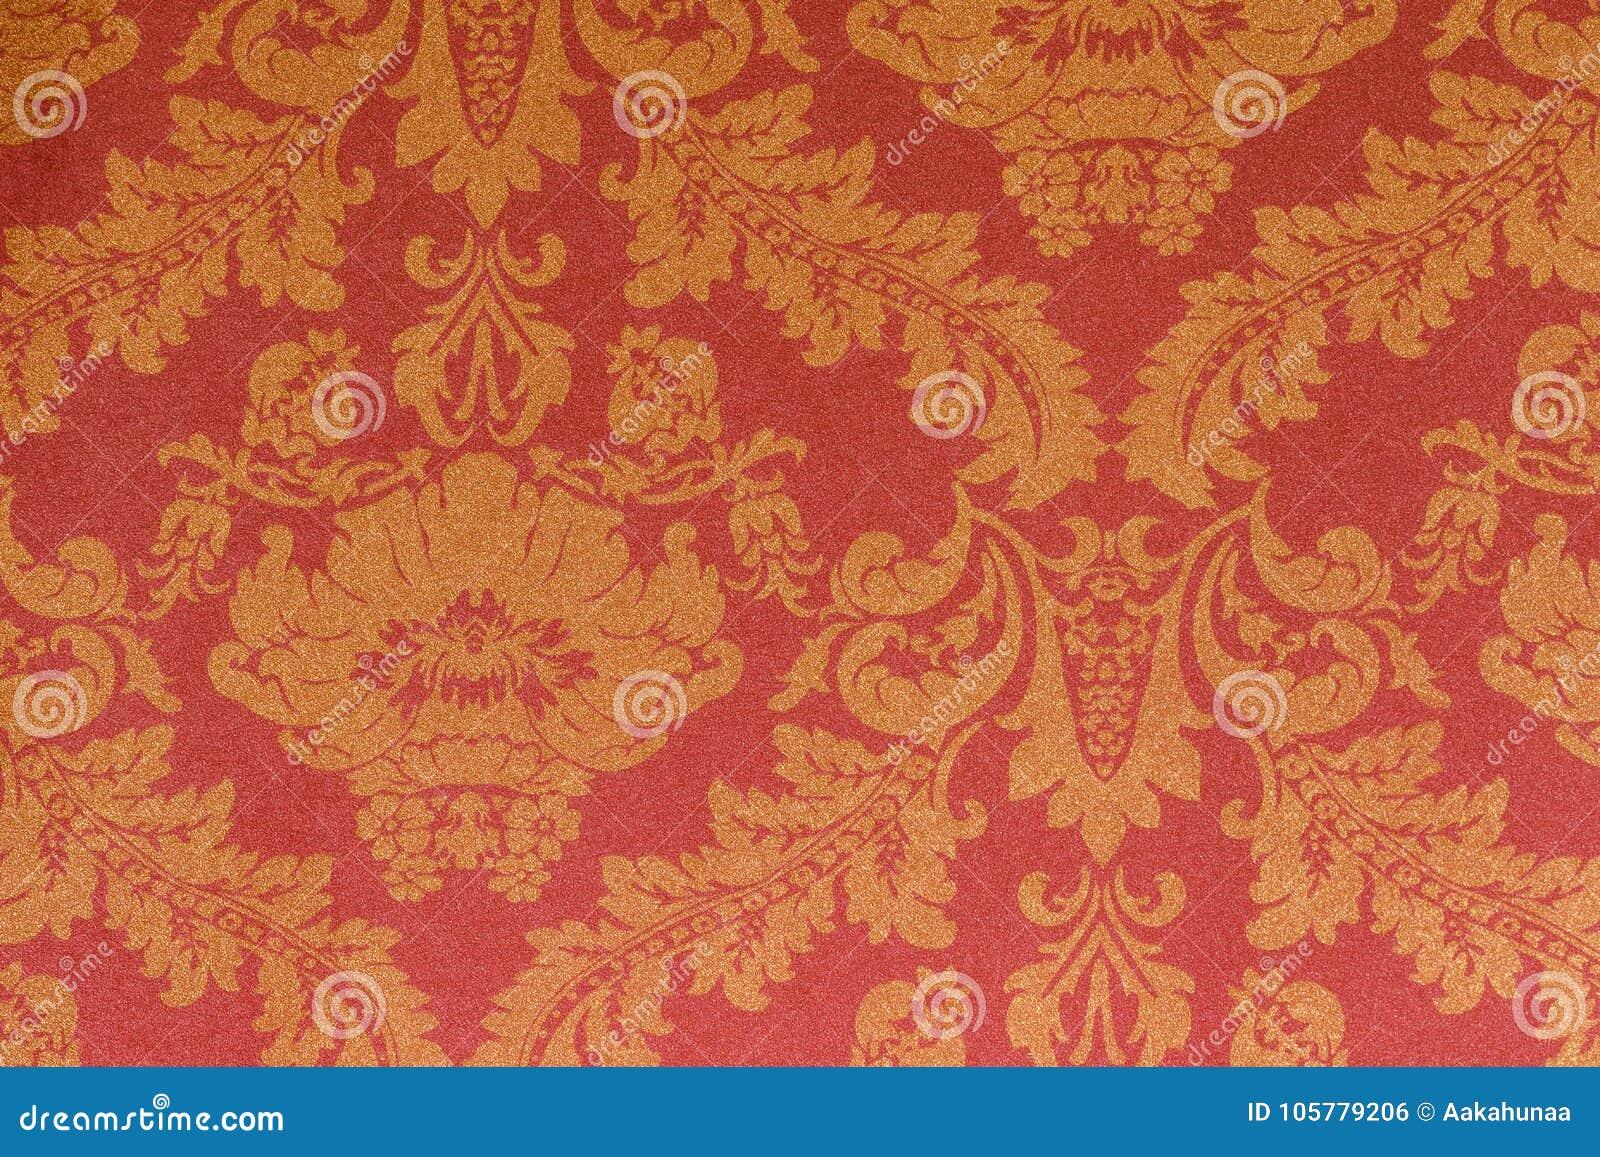 Behang Met Patroon : Het patroon van het behang stock foto. afbeelding bestaande uit